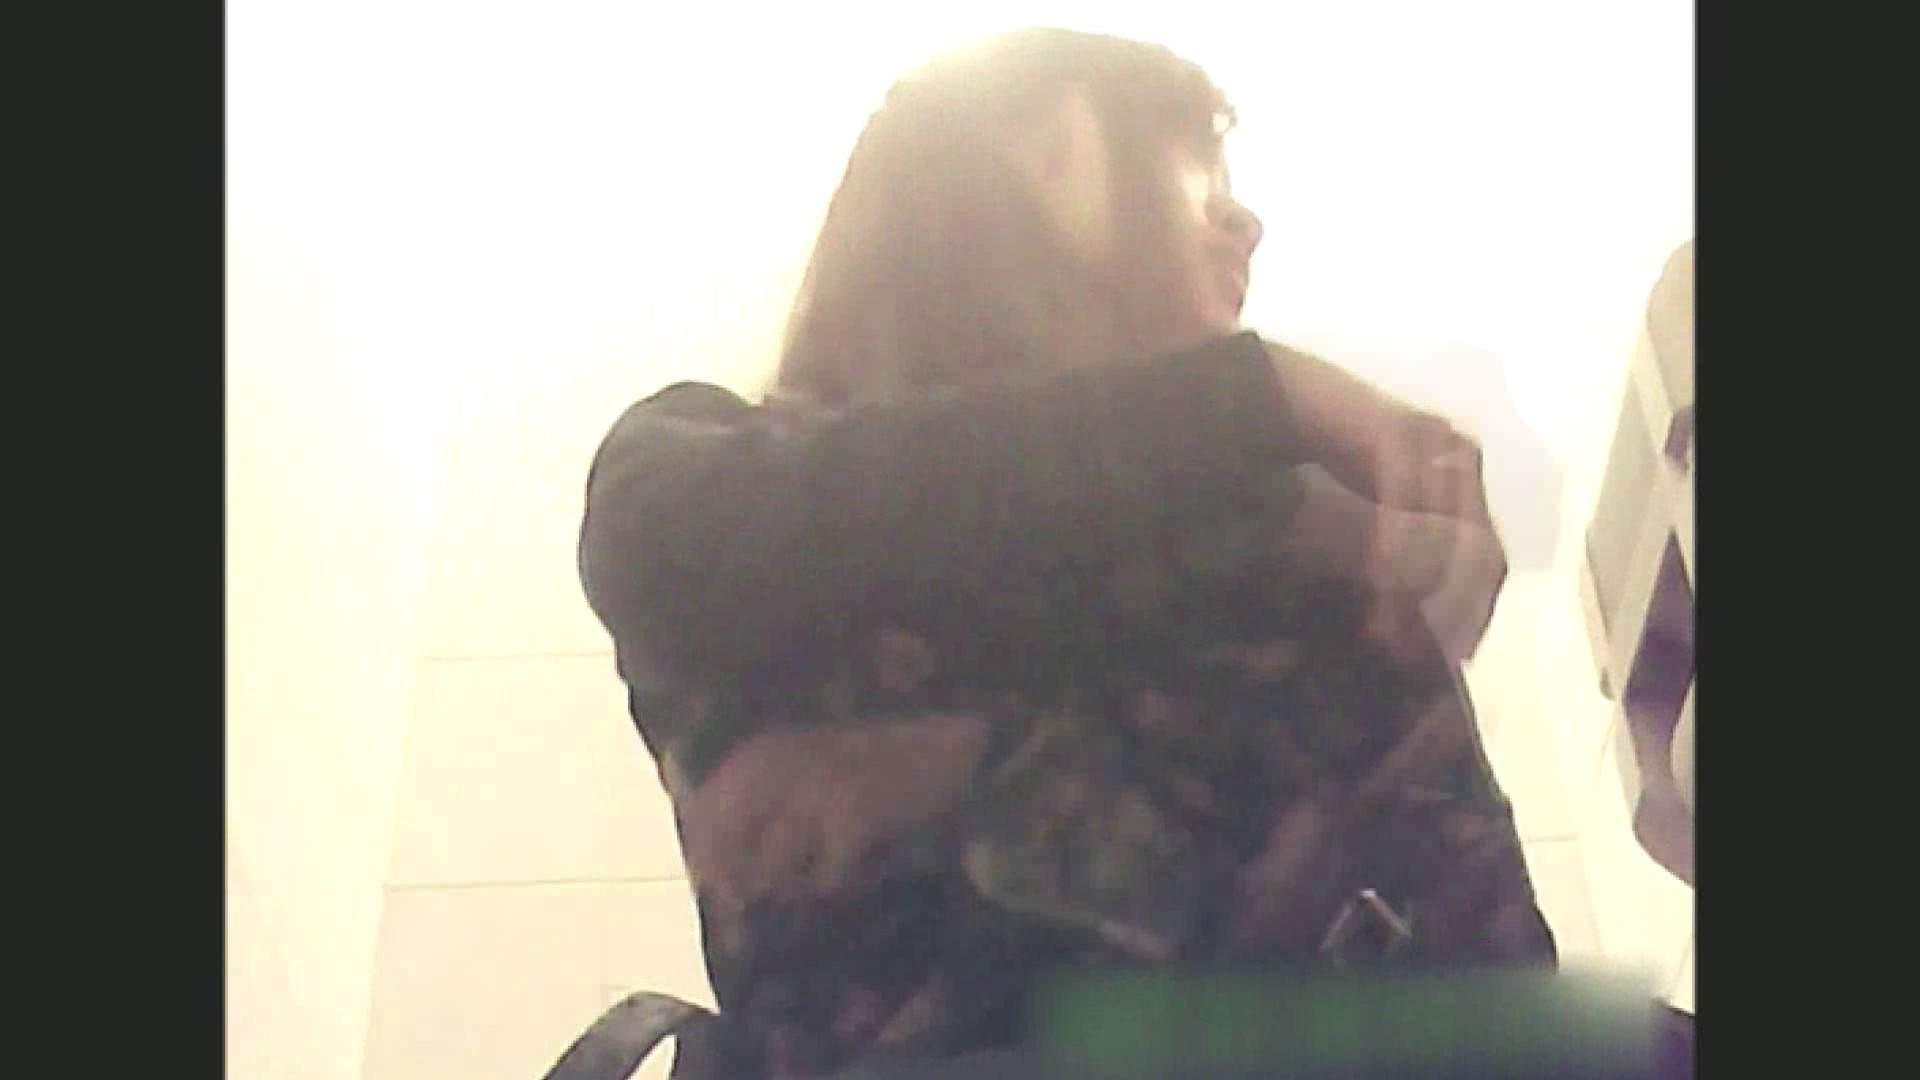 実録!!綺麗なお姉さんのトイレ事情・・・。vol.13 お尻 隠し撮りオマンコ動画紹介 105pic 99